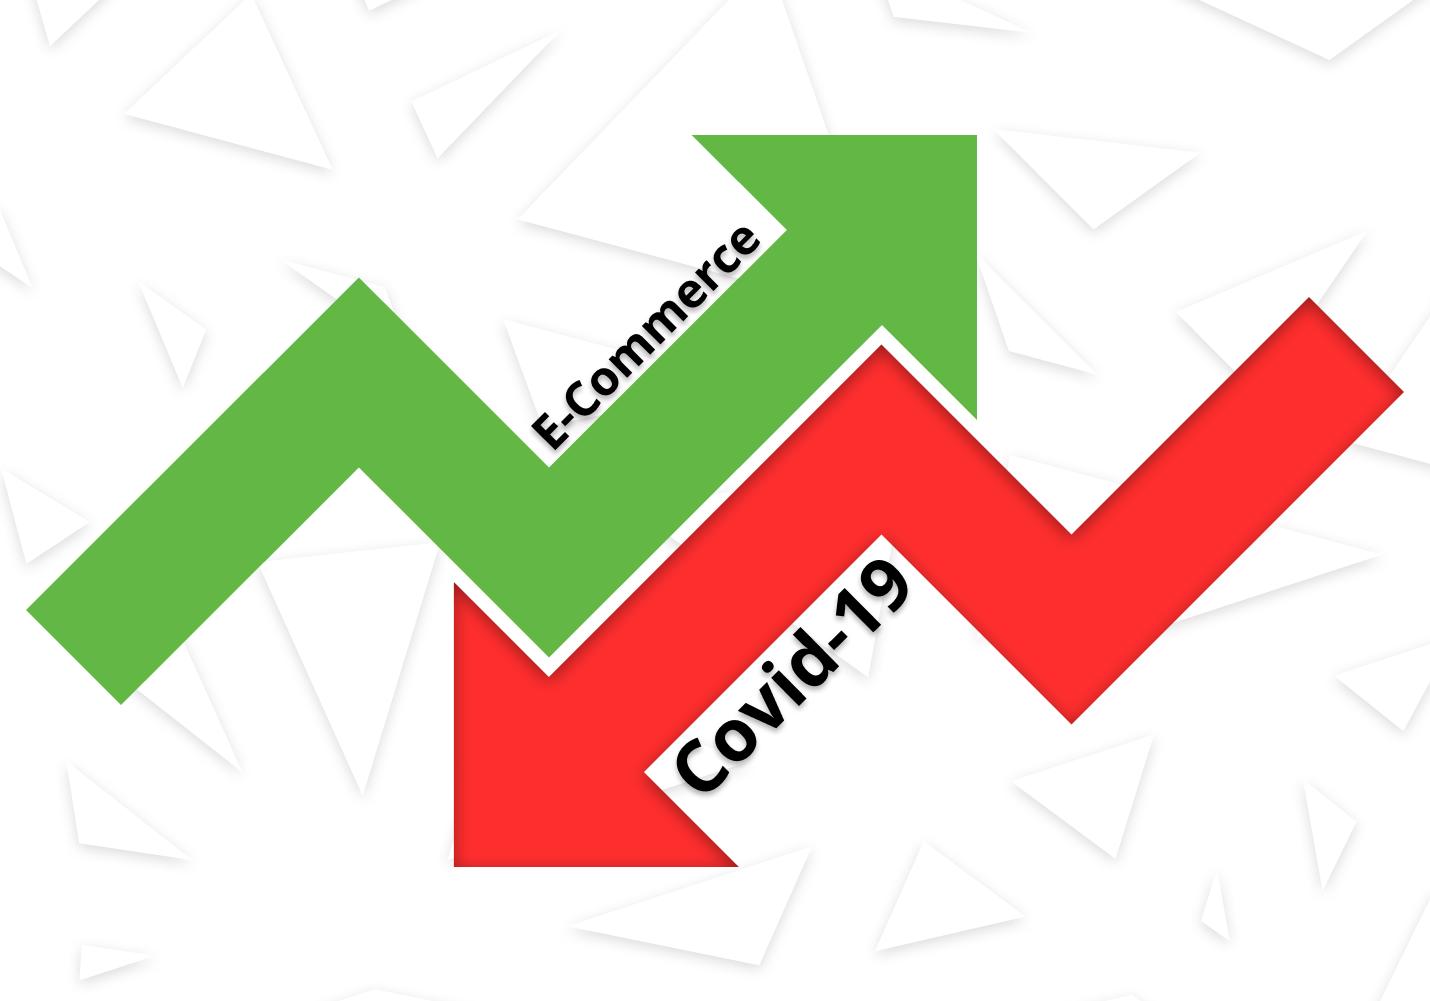 Impactos do COVID-19 no e-commerce brasileiro e as inovações em CX a partir do uso de dados por I.A.